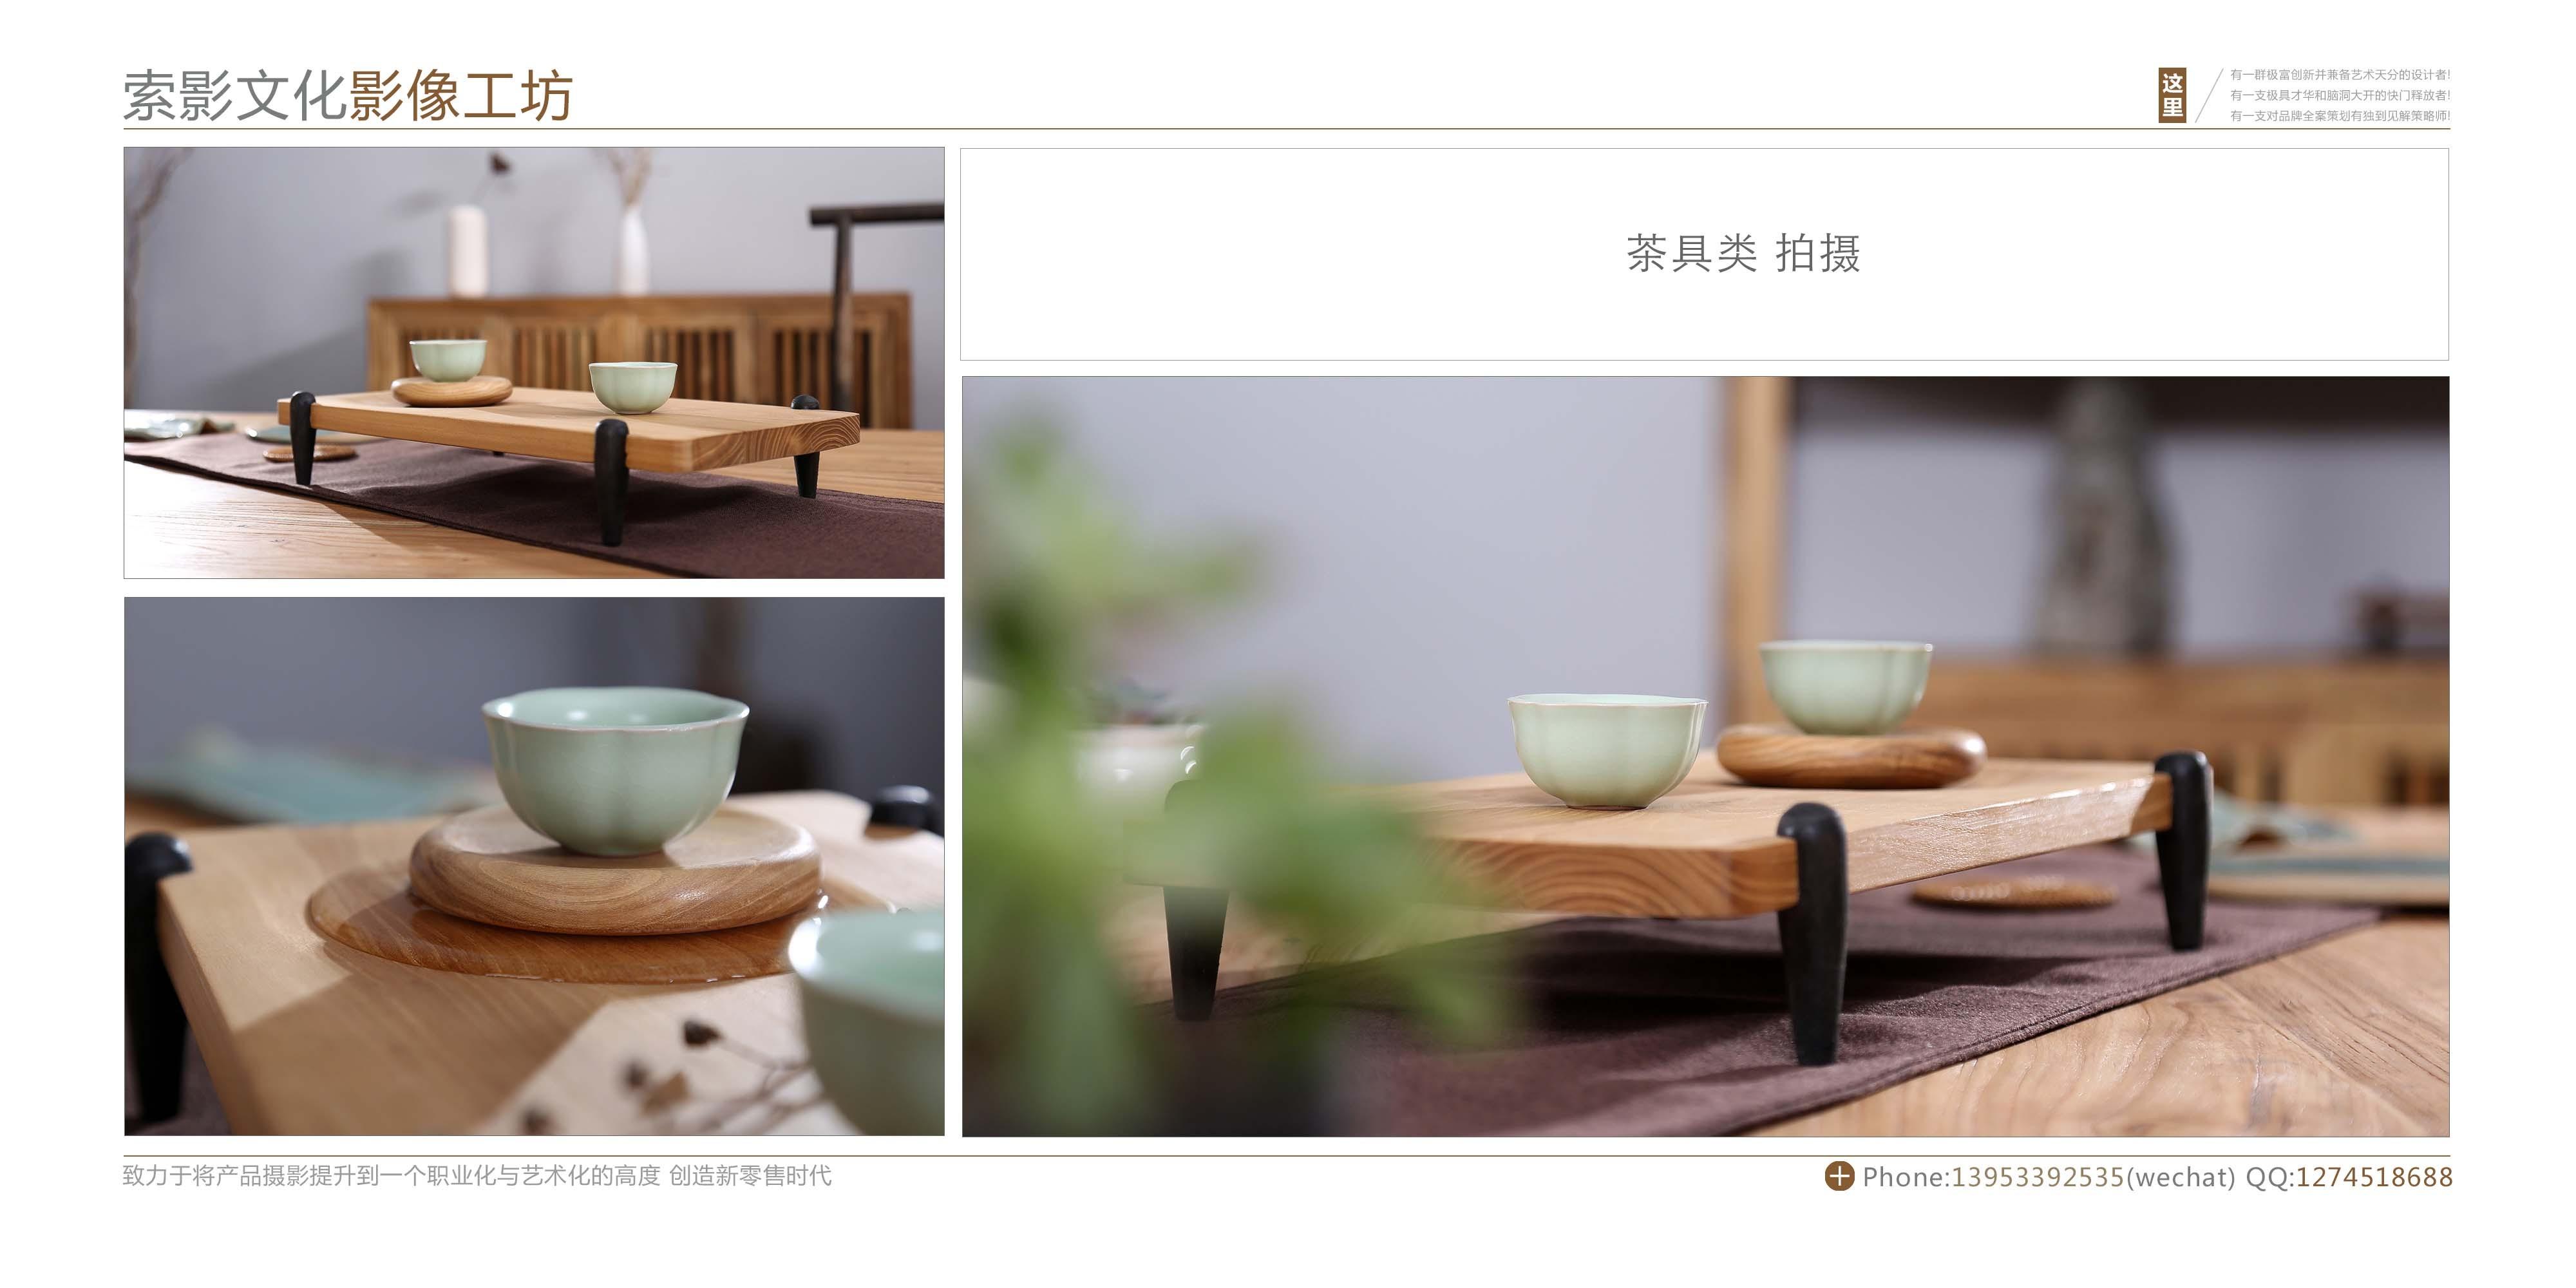 茶盘 拍照 拷贝.jpg